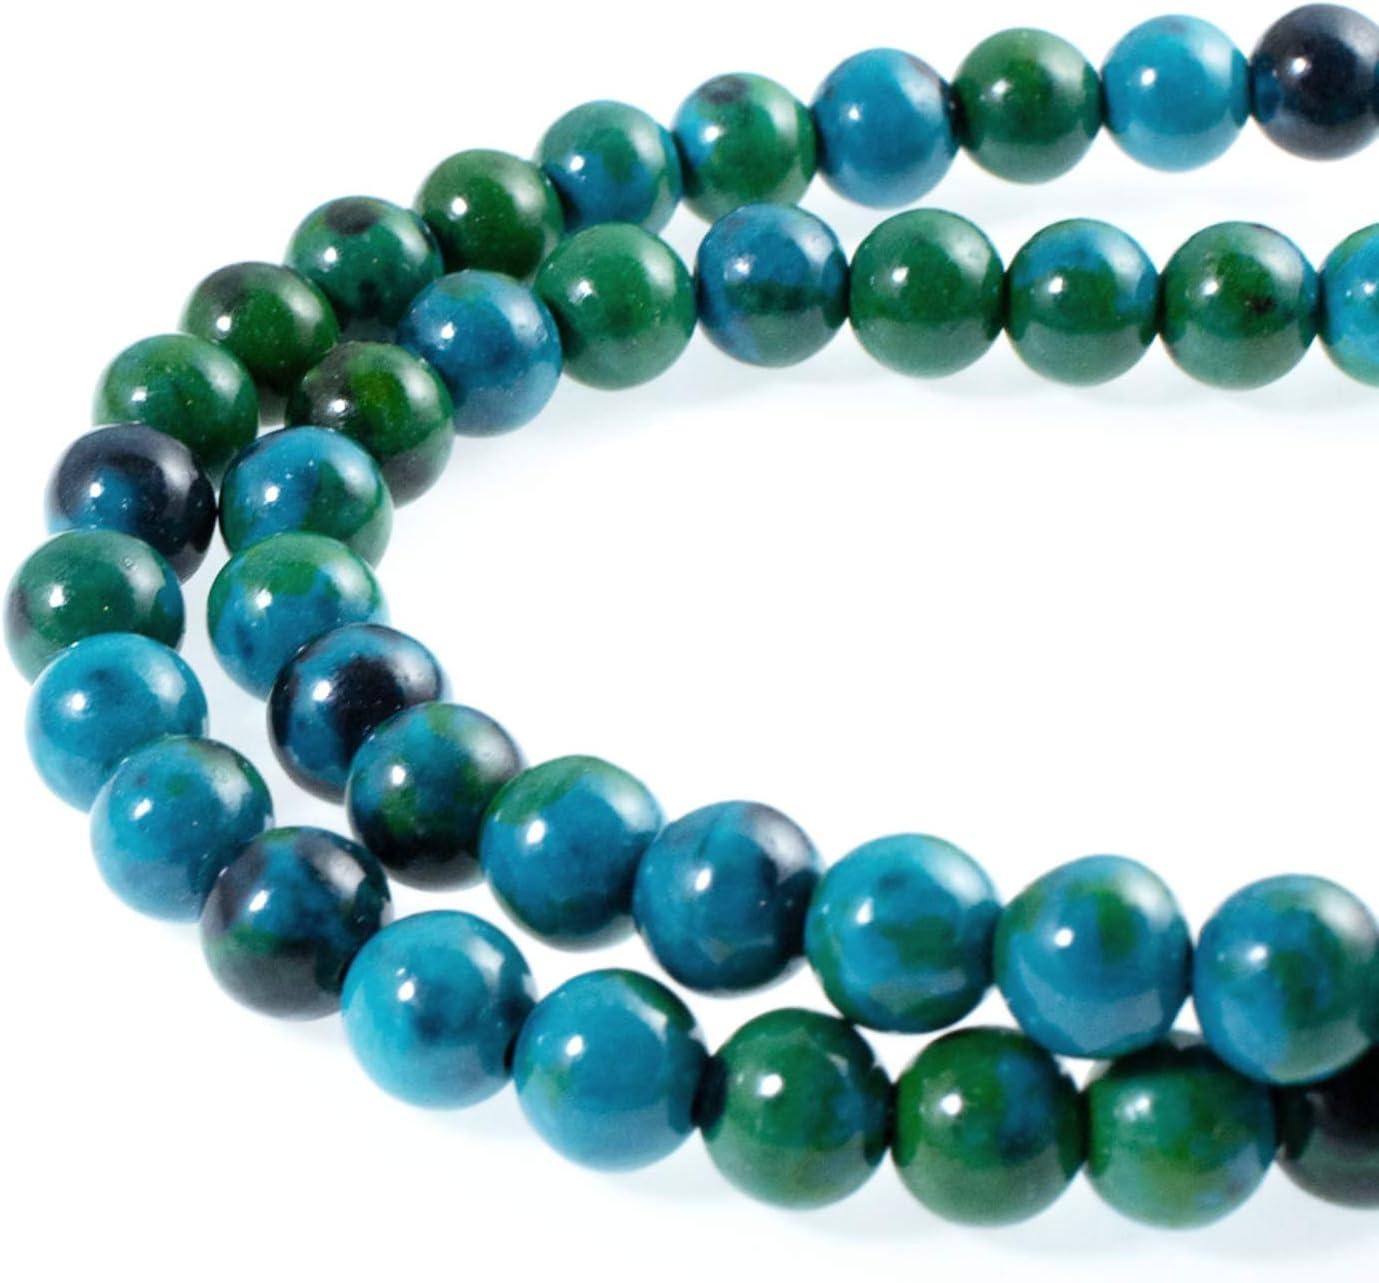 round stone azurite natural stone Round beads azurite stone. Pearl azurite chrysocolla azurite chrysocolla genuine gemstones